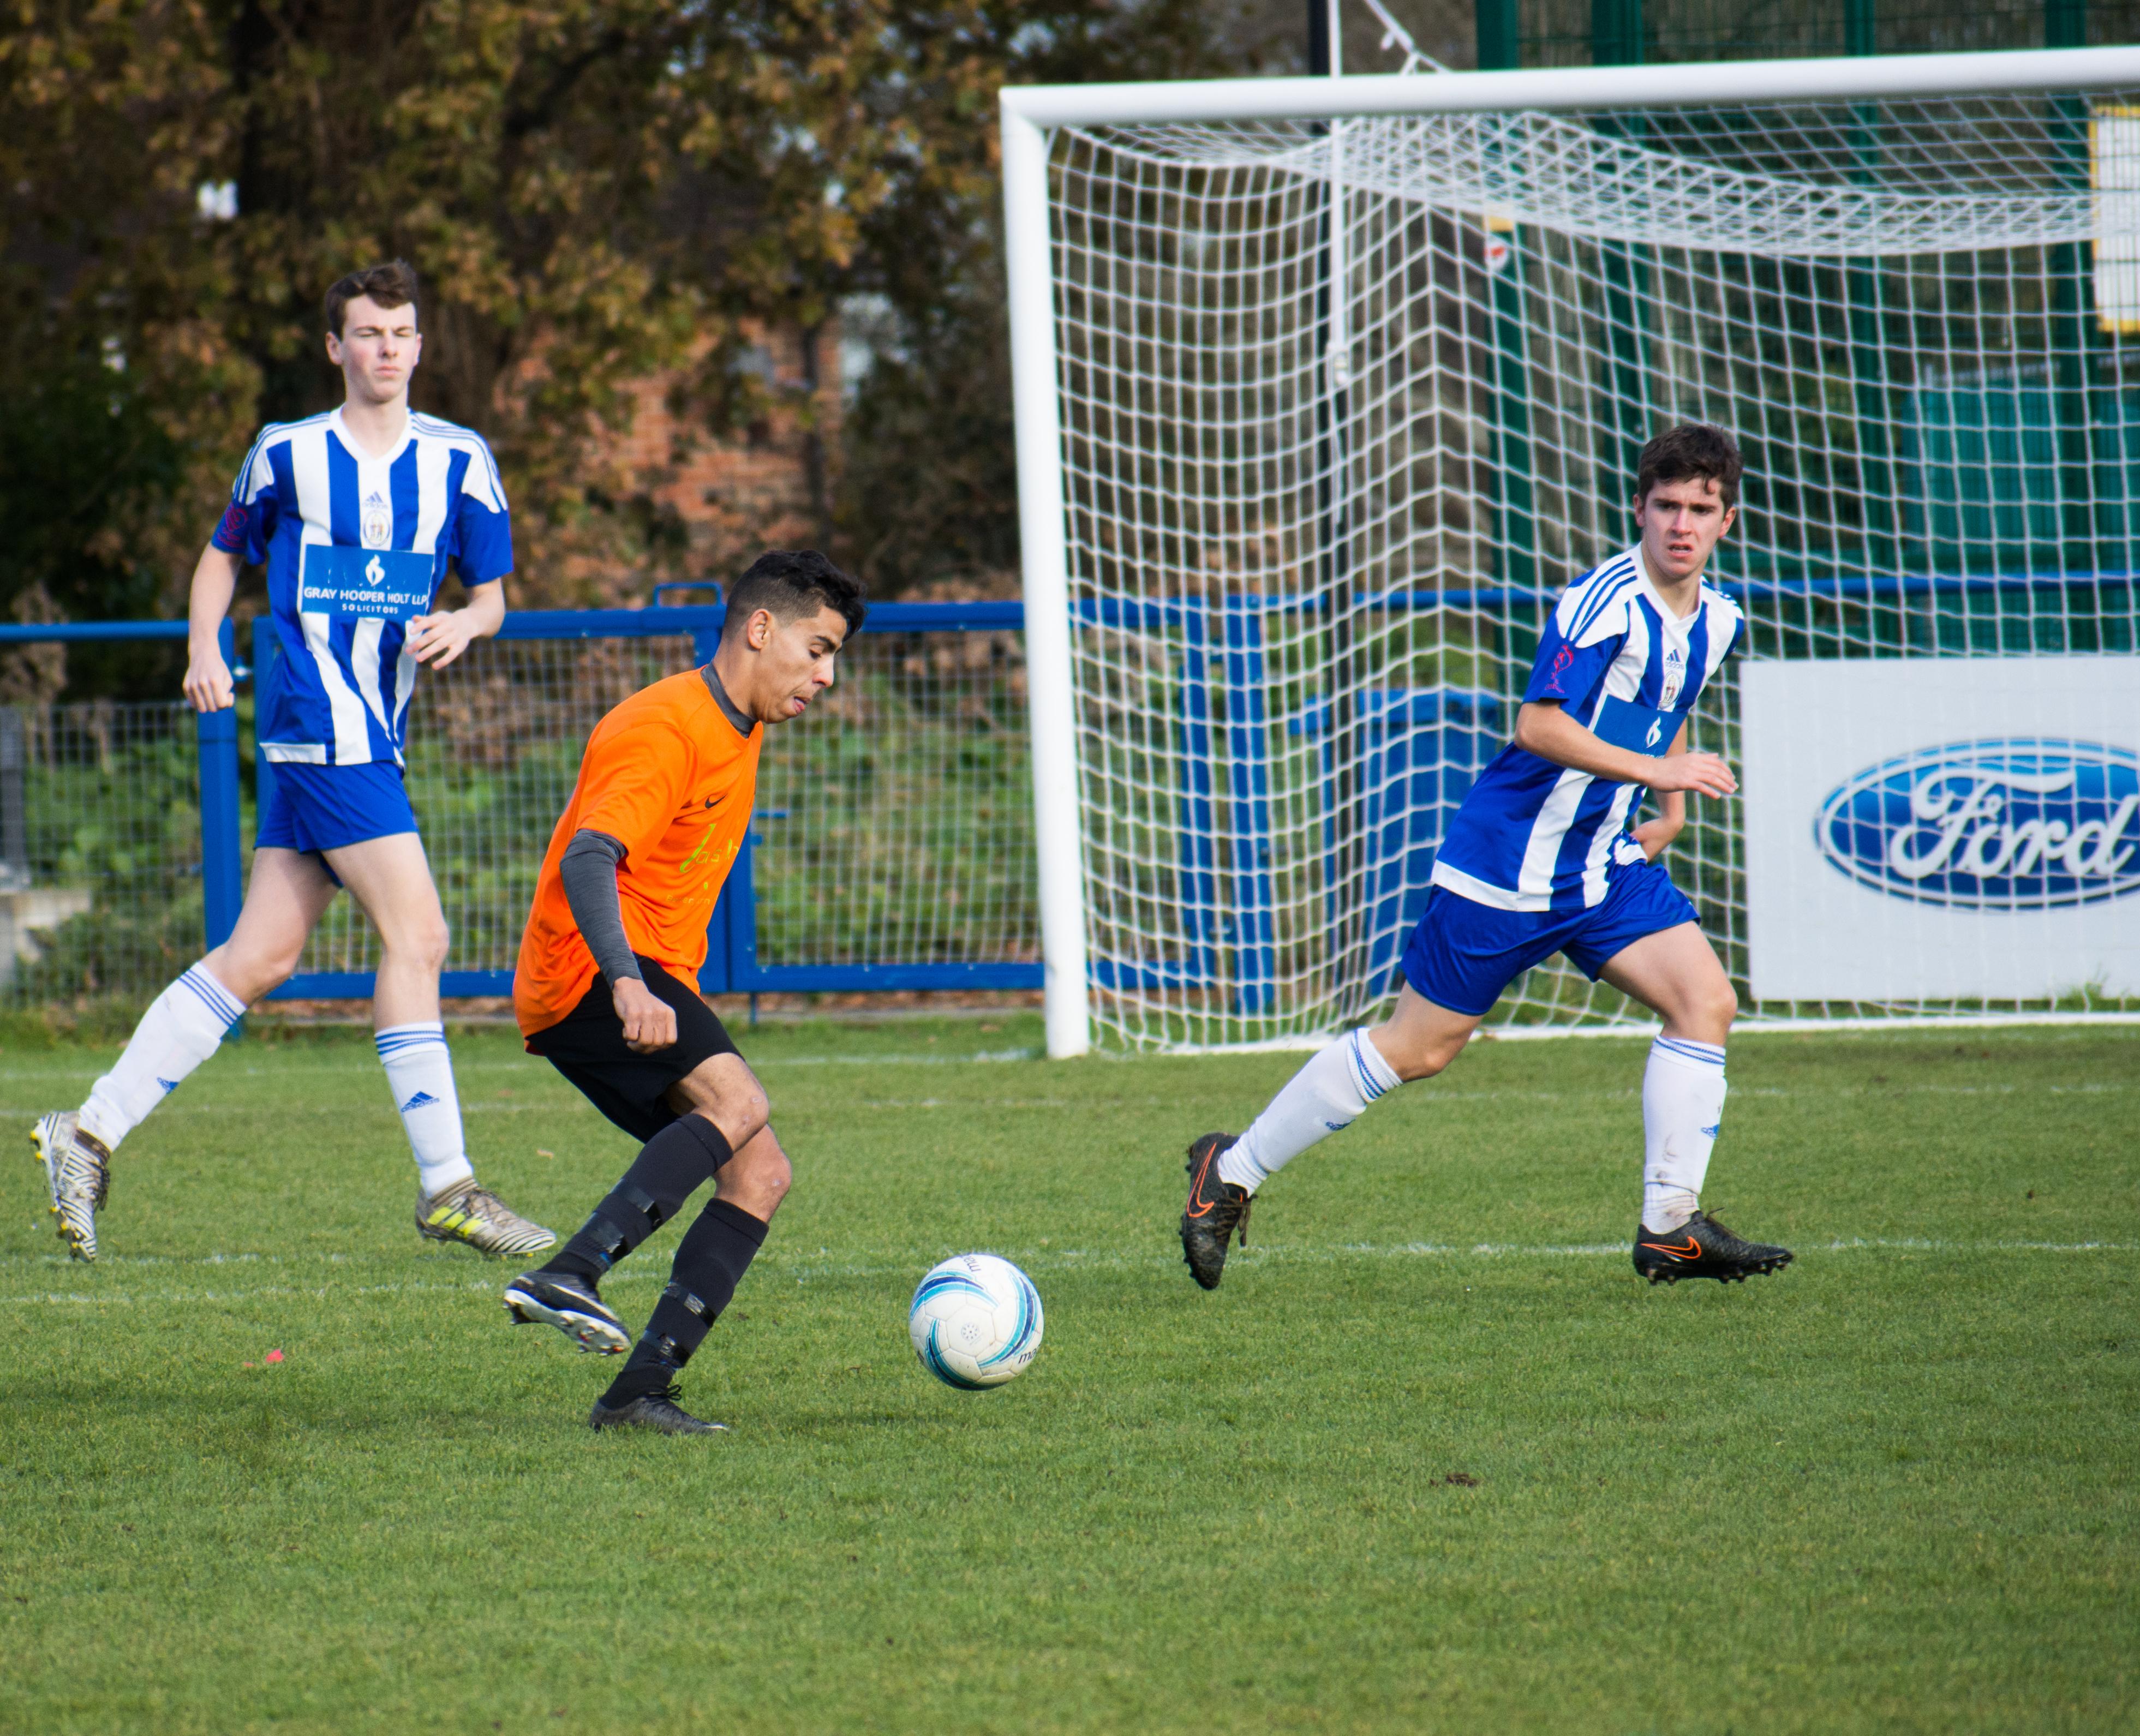 Mile Oak U18s vs Haywards Heath U18s 19.11.17 06